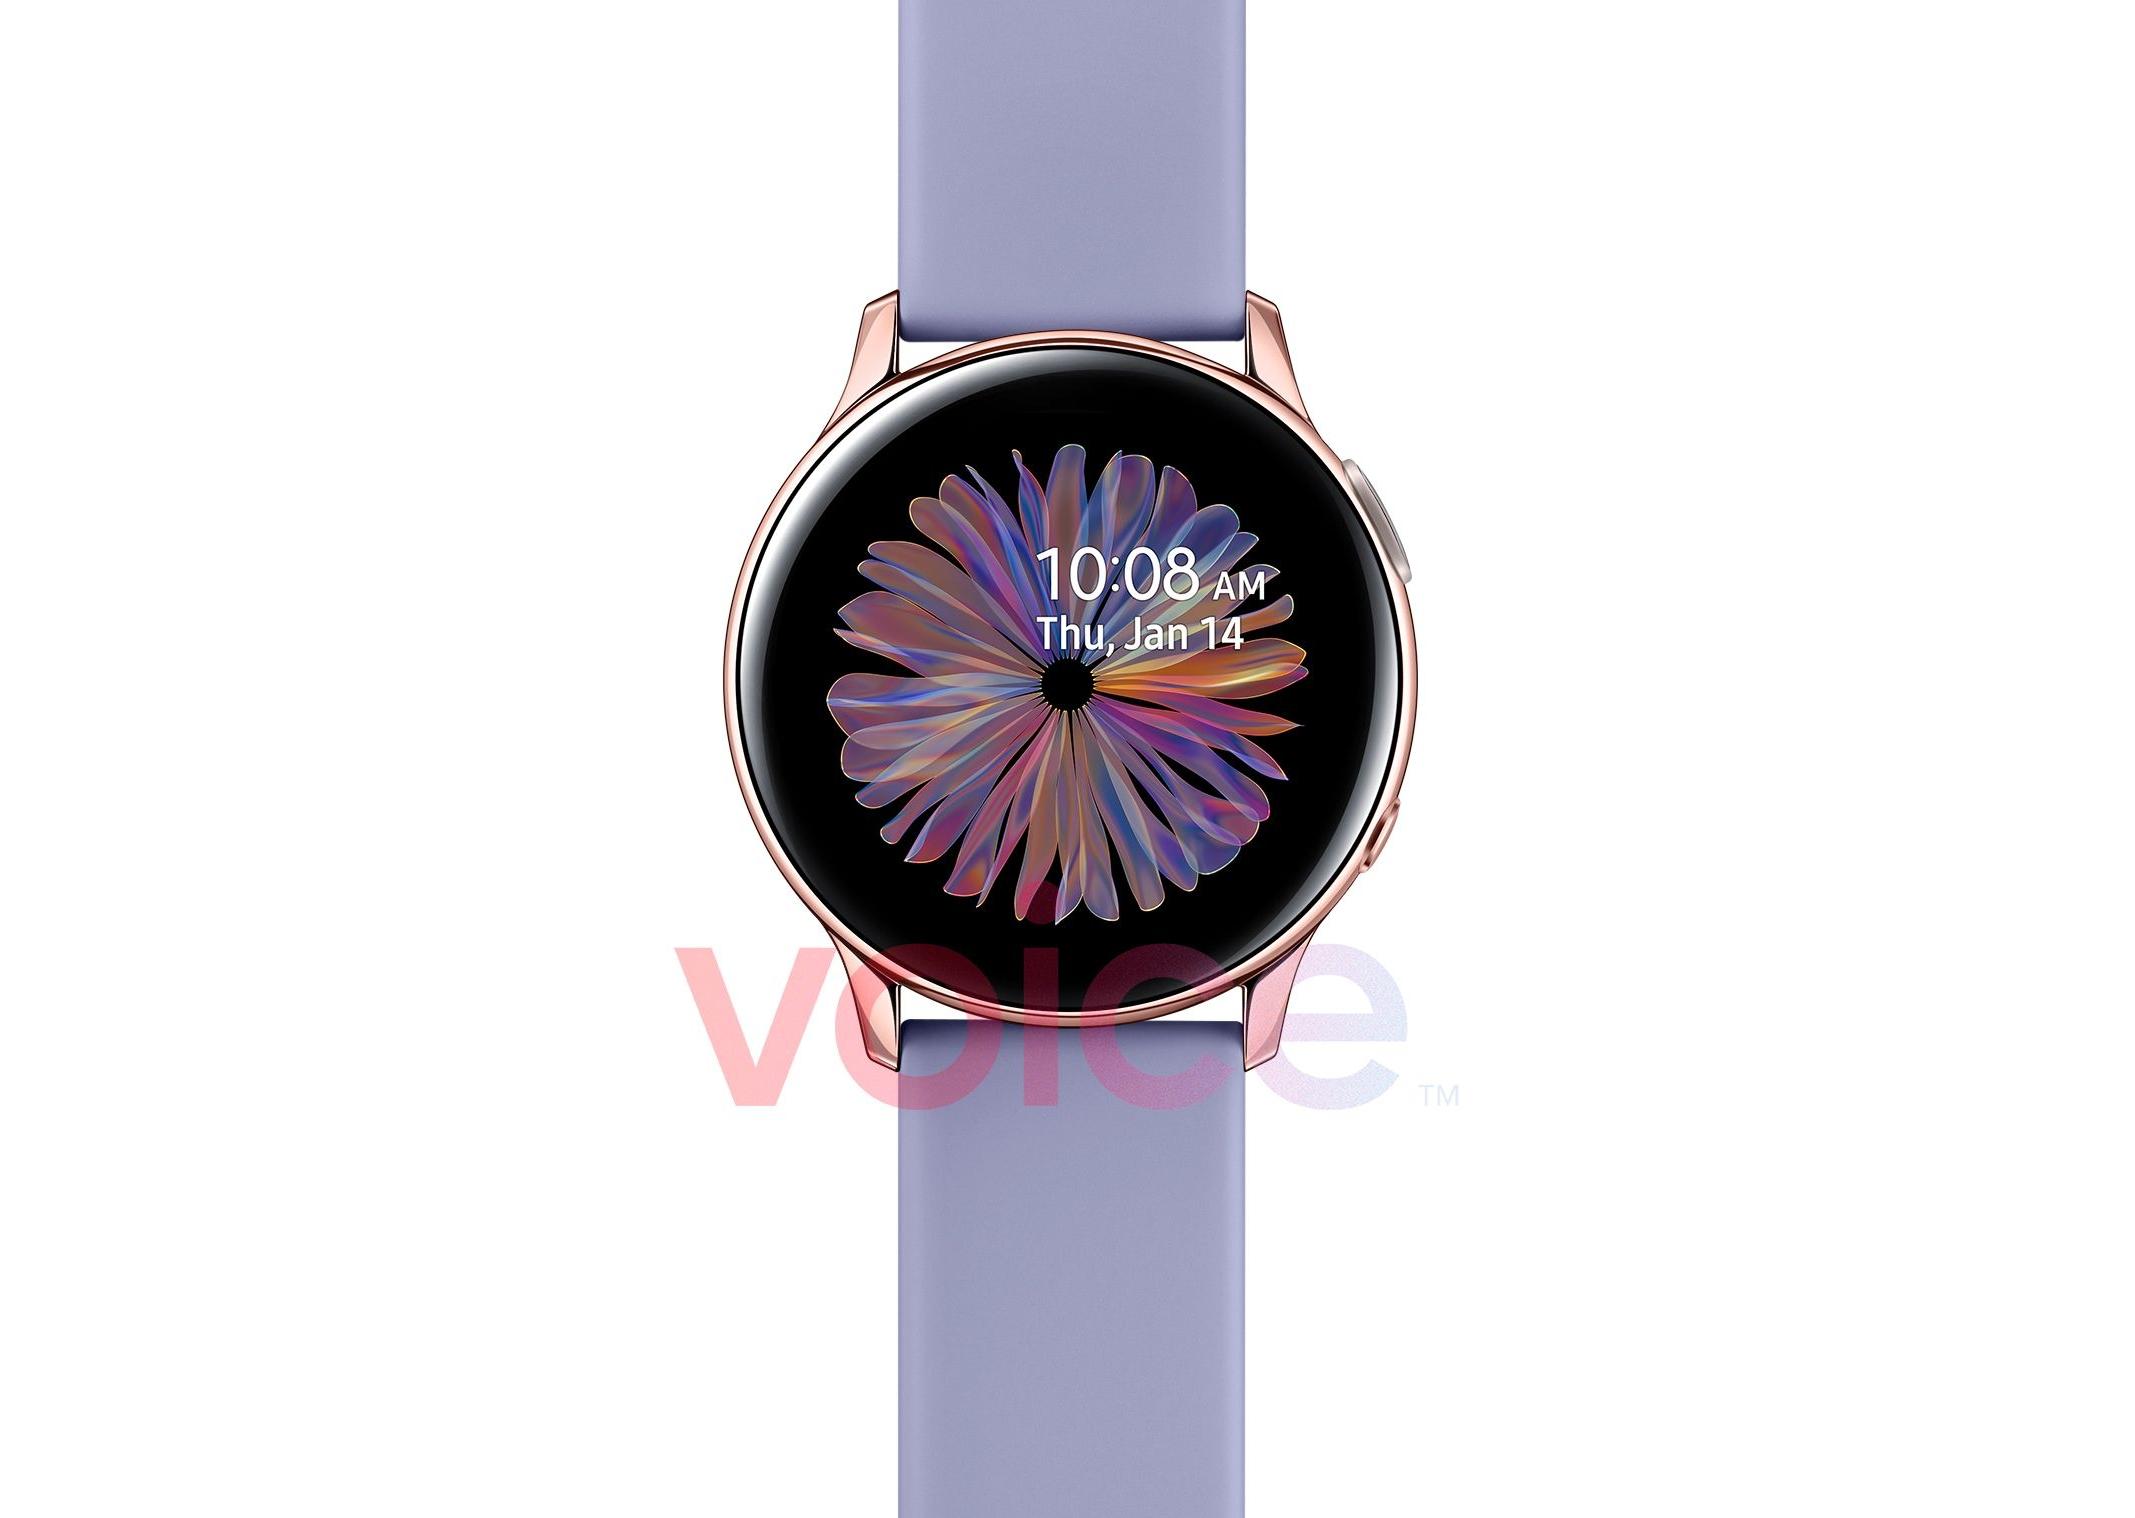 Не только Galaxy S21 и Galaxy Buds Pro: Samsung 14 января покажет ещё смарт-часы Galaxy Watch Active 2 в расцветке Rose Gold